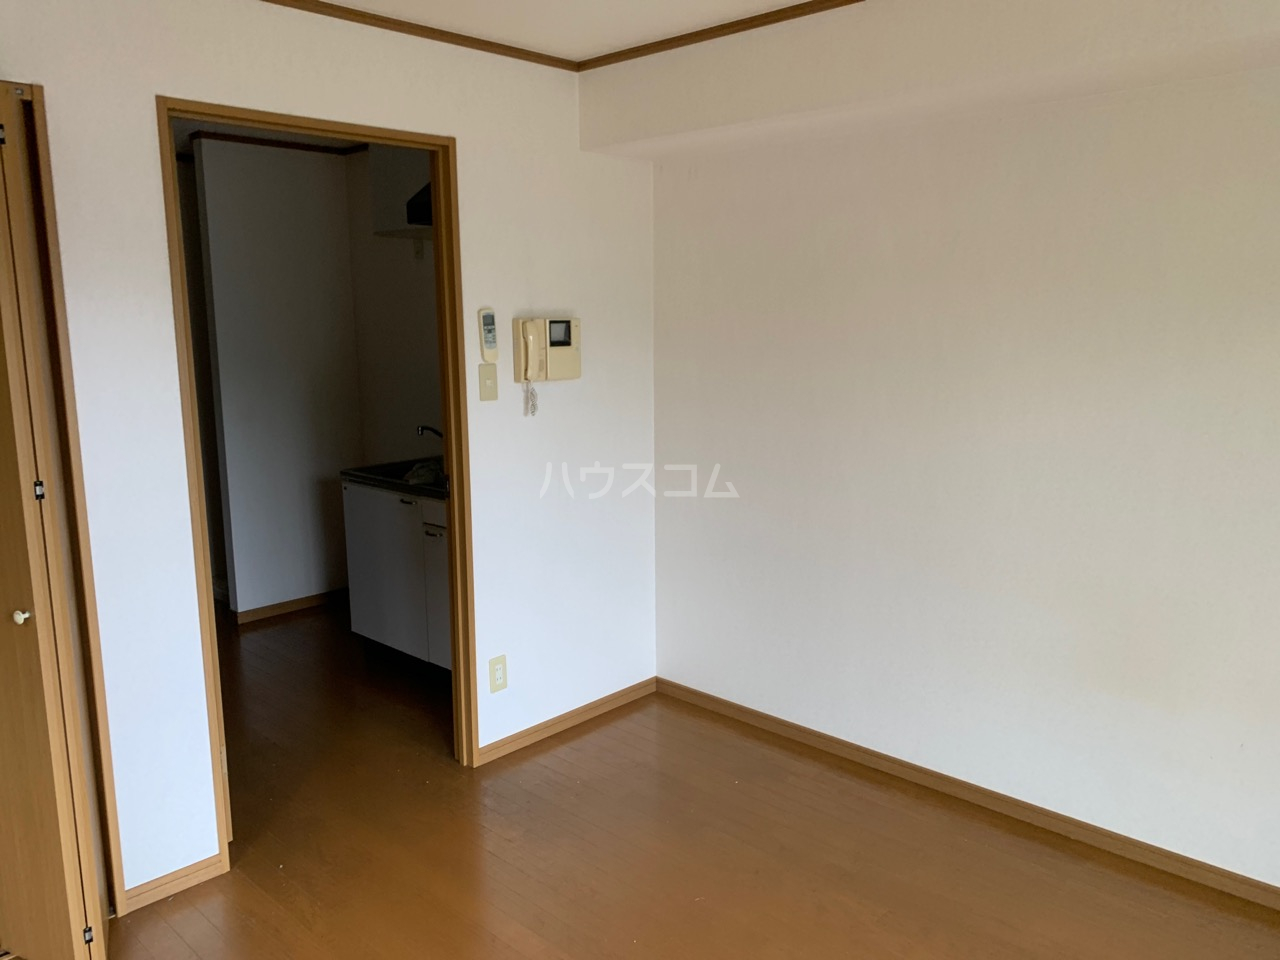 横浜元町ガーデン12 301号室の居室